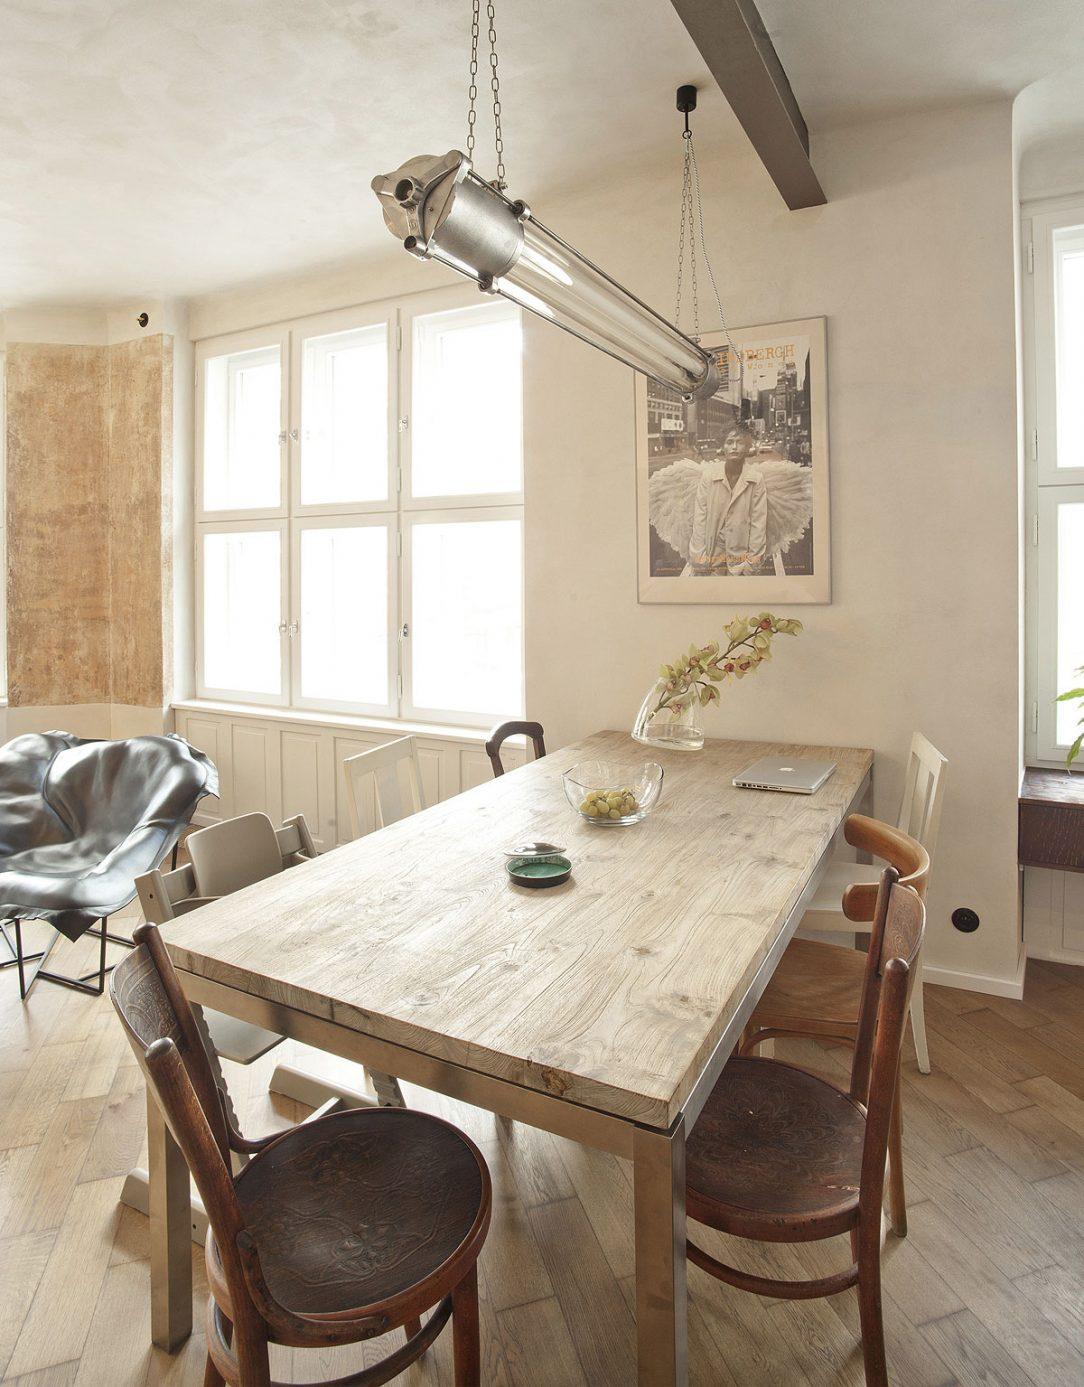 Neprehliadnuteľnú veľkú industriálnu žiarivku nad jedálenským stolom si majitelia zadovážili v bazári.